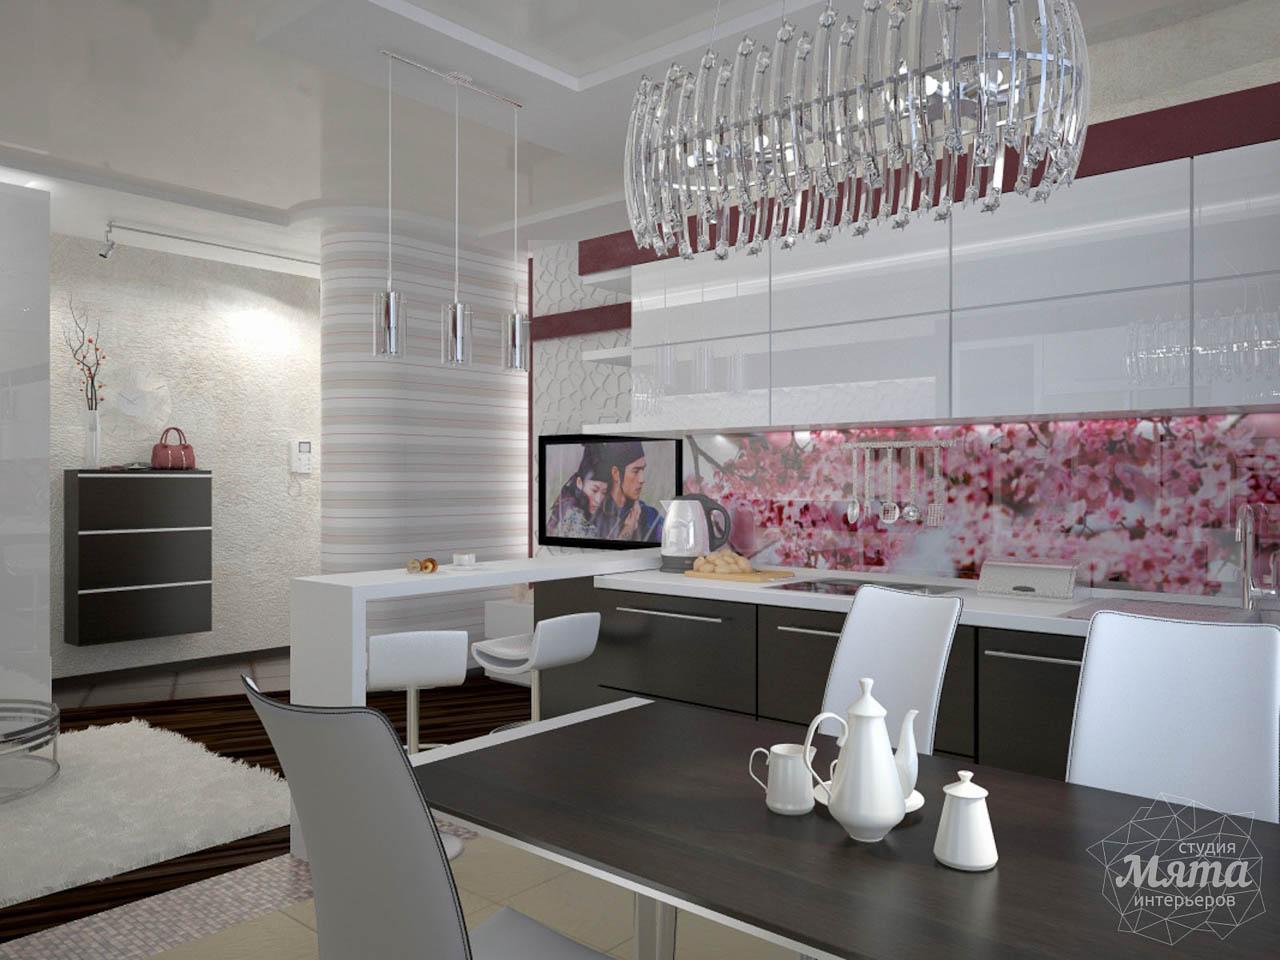 Дизайн интерьера и ремонт трехкомнатной квартиры по ул. Попова 33а img197307148